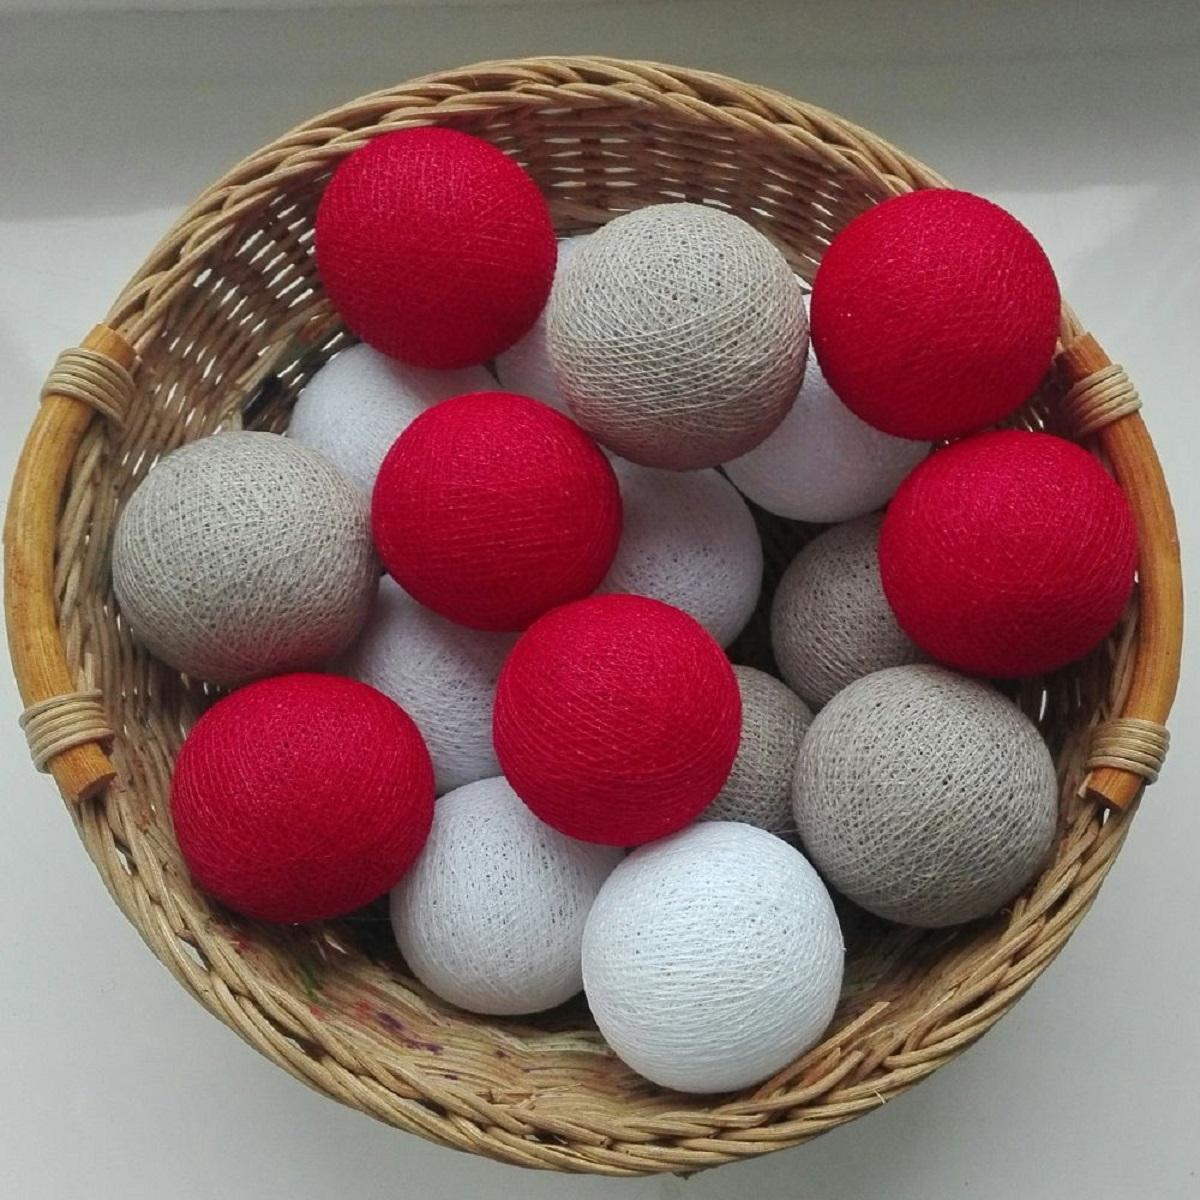 Как сделать гирлянду из шариков из ниток своими руками 4